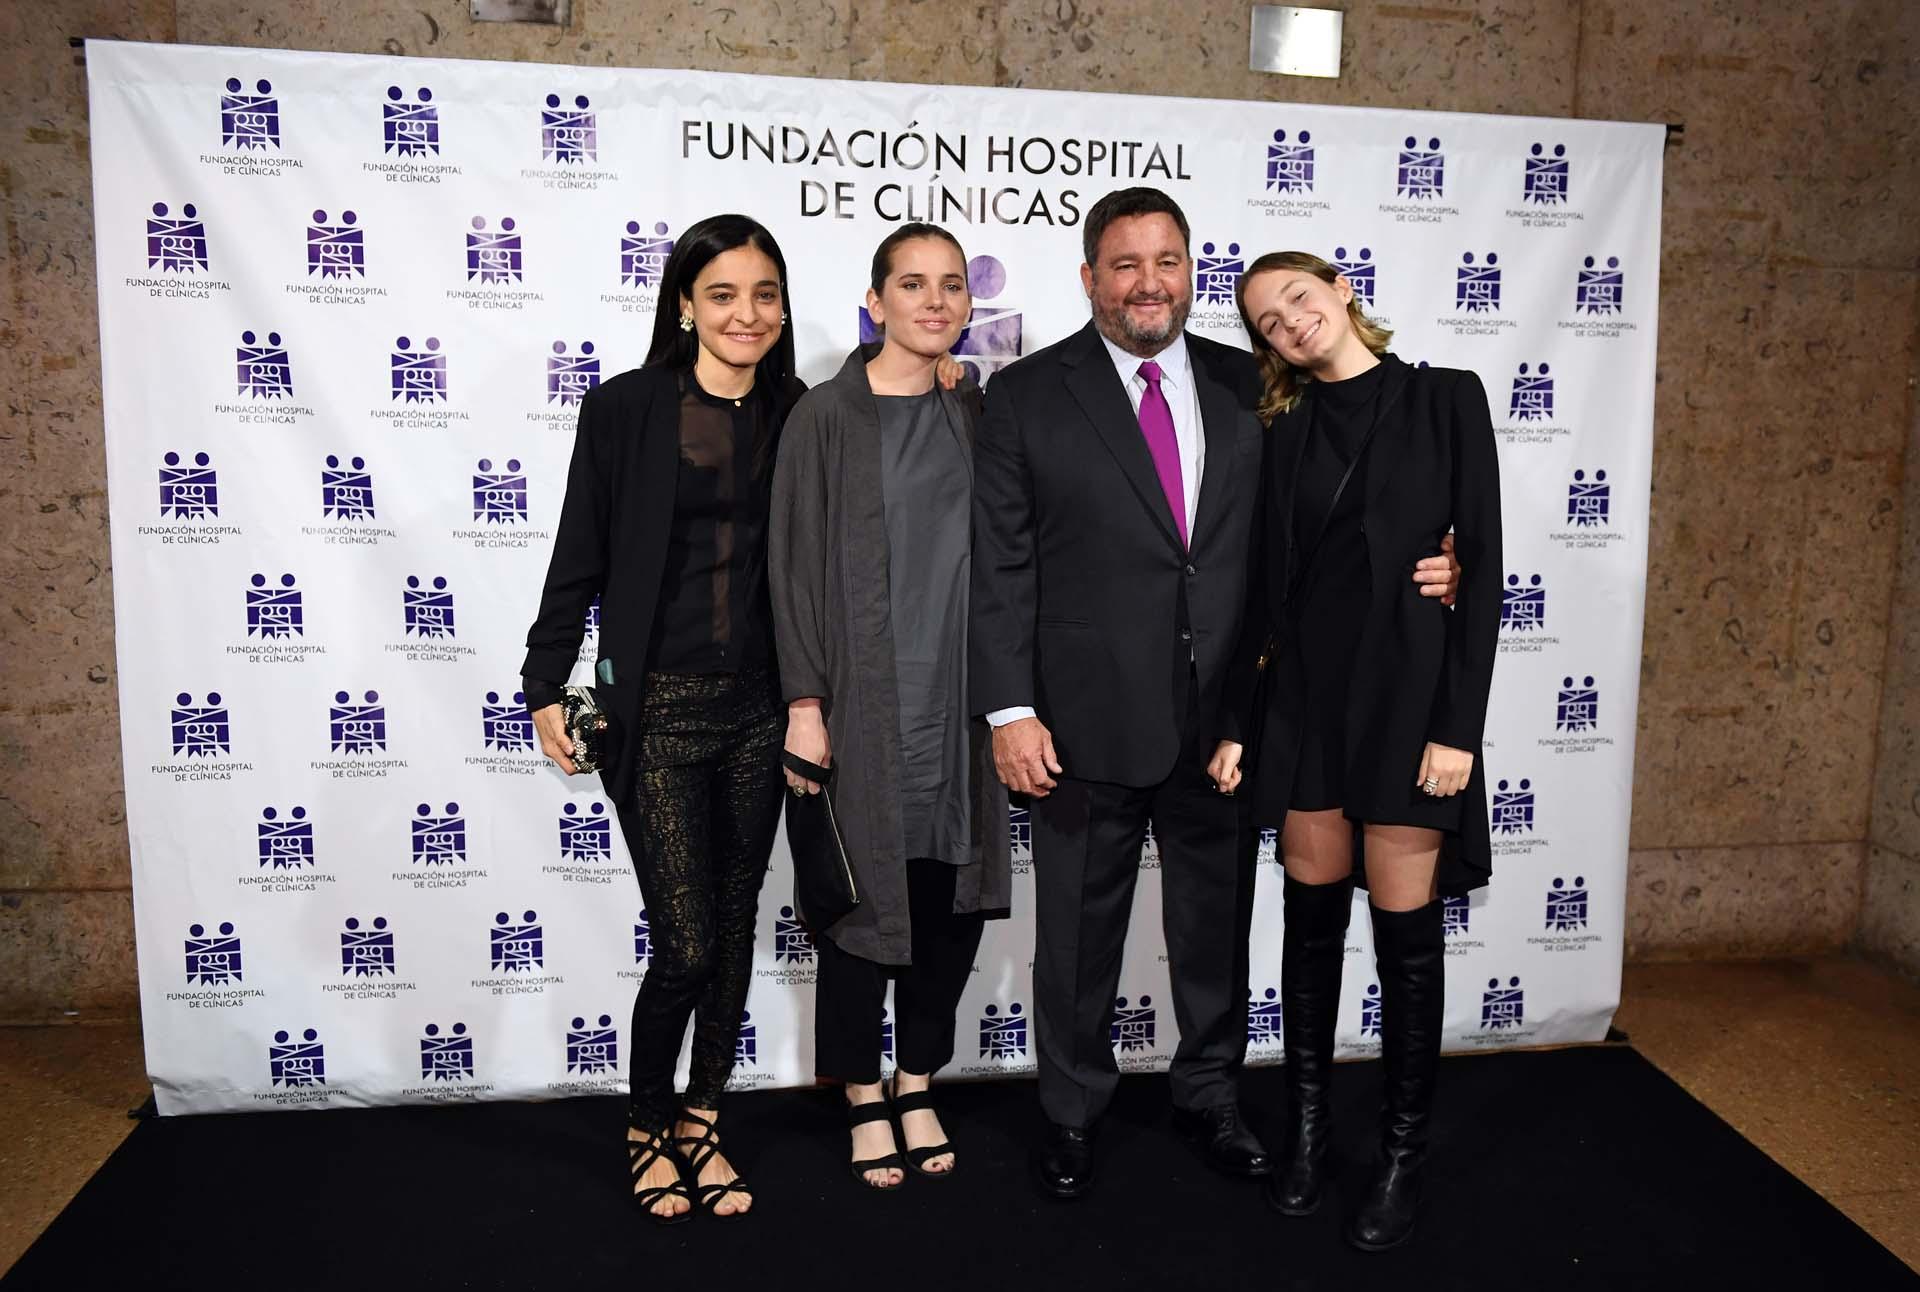 Elena Bordeu, Milagros Cubelli, Alejandro Macfarlane y su hija Jazmín